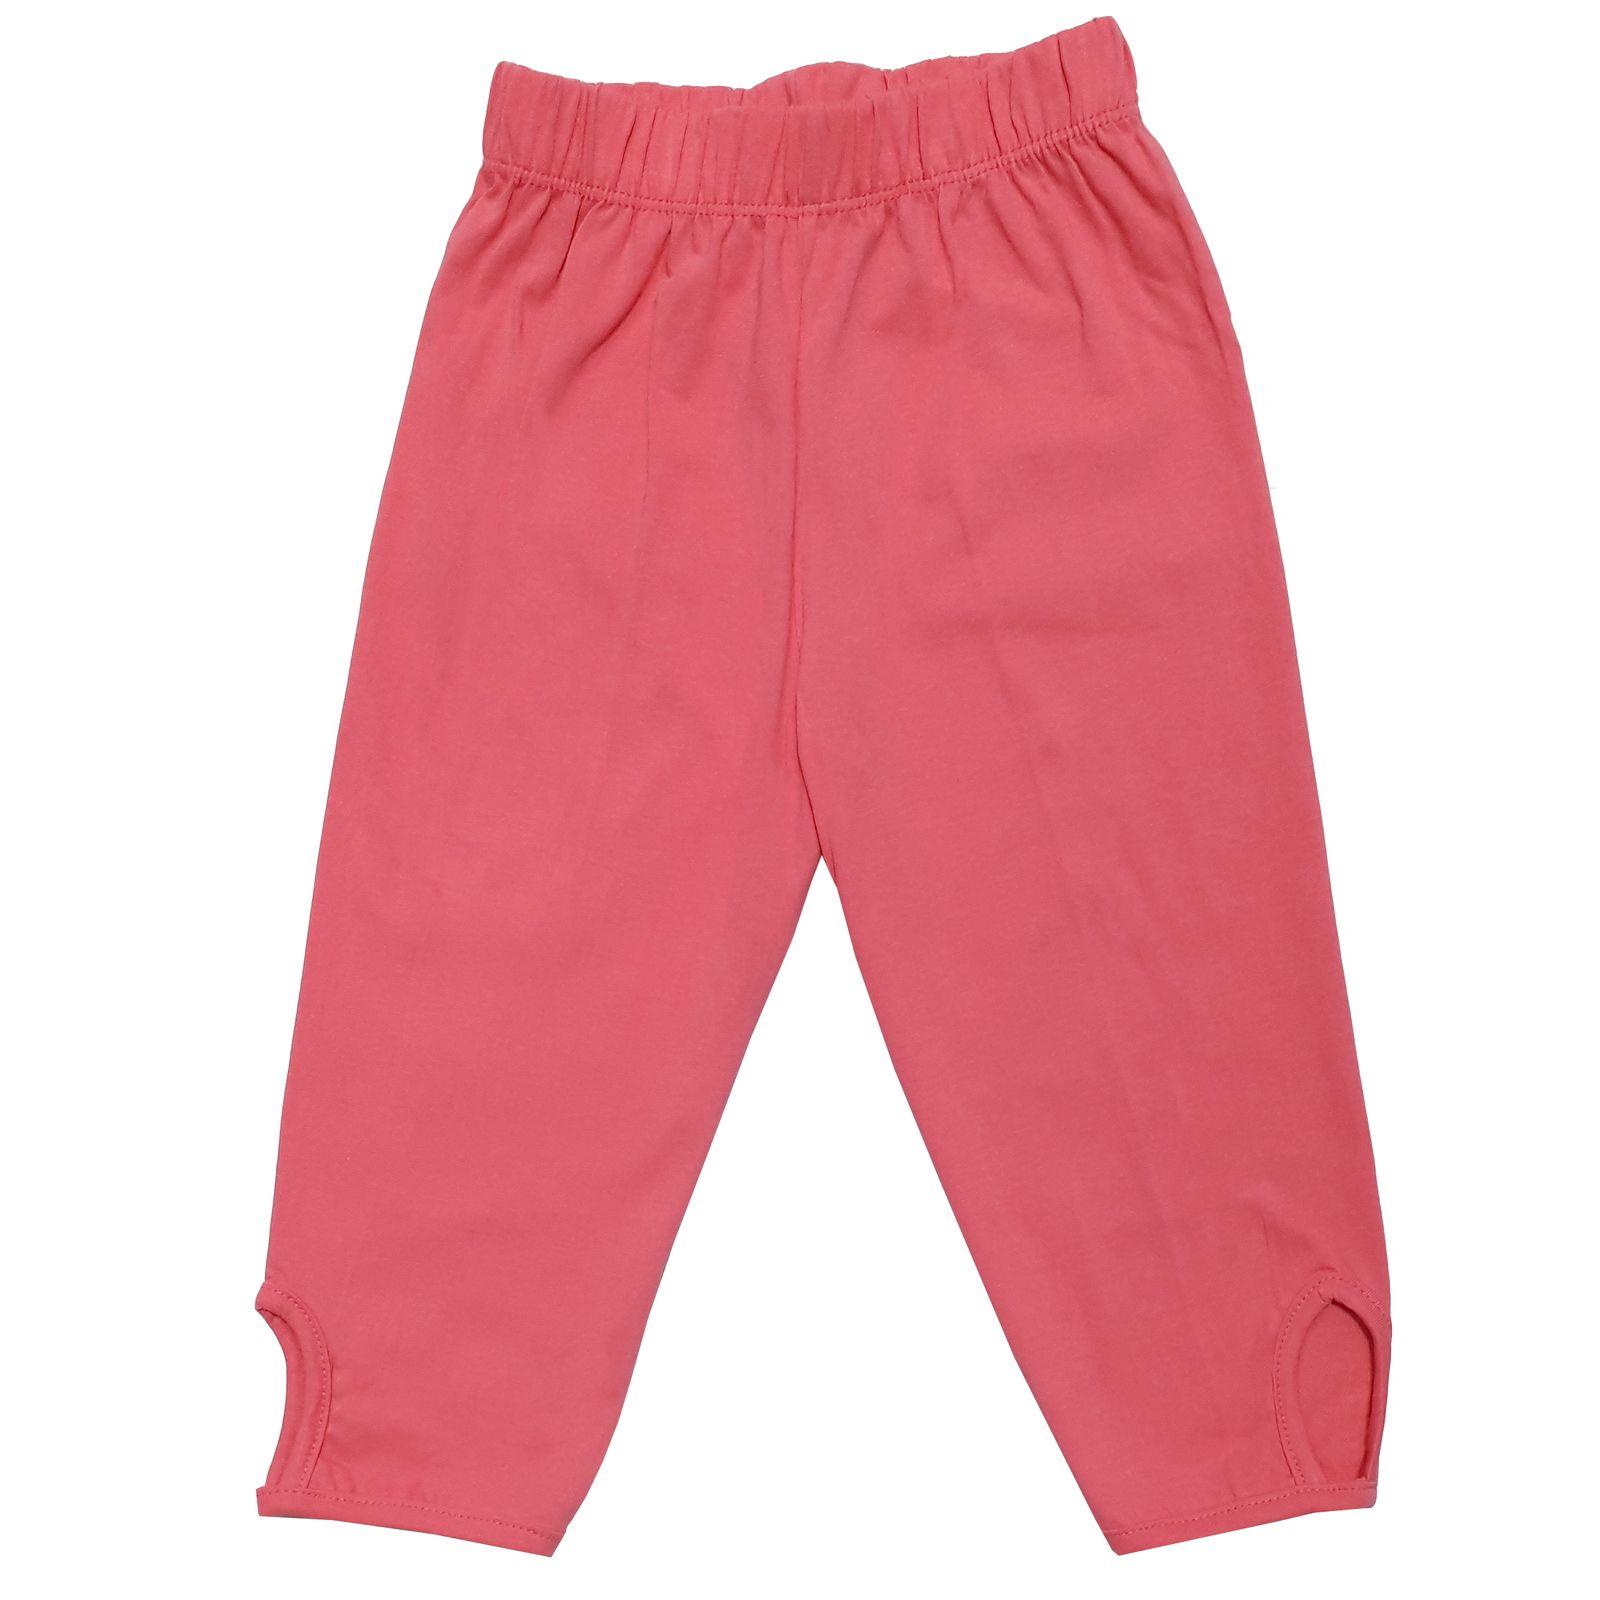 ست تی شرت و شلوارک دخترانه طرح LOL کد 1402 -  - 4